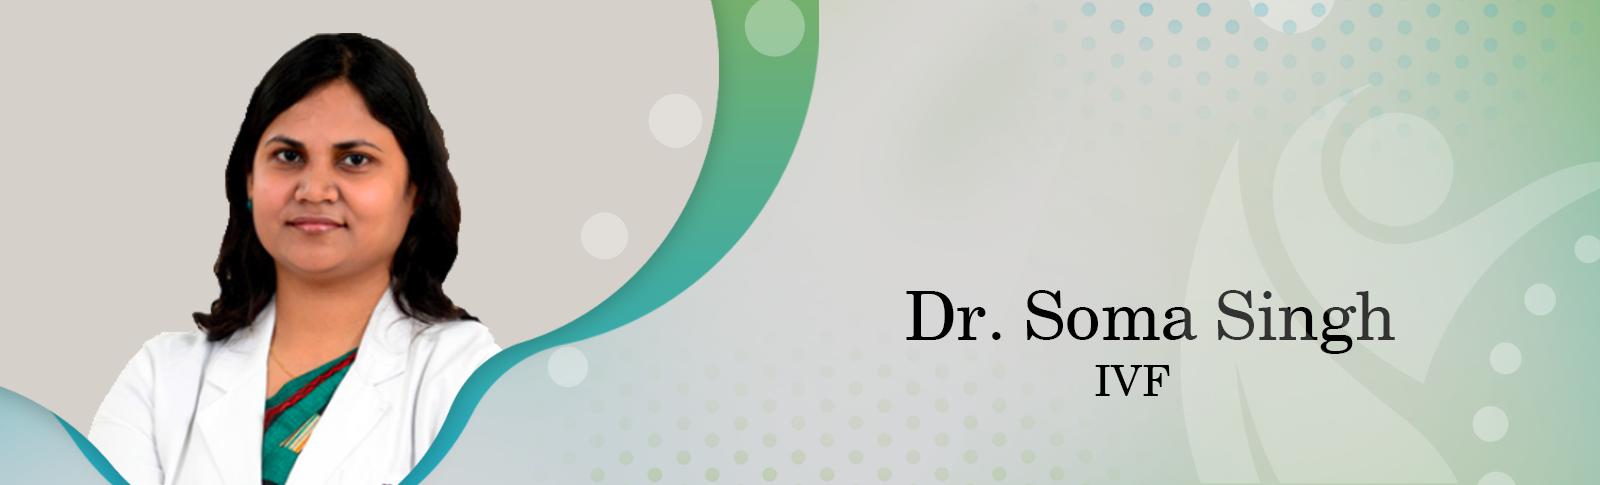 Dr. Soma Singh